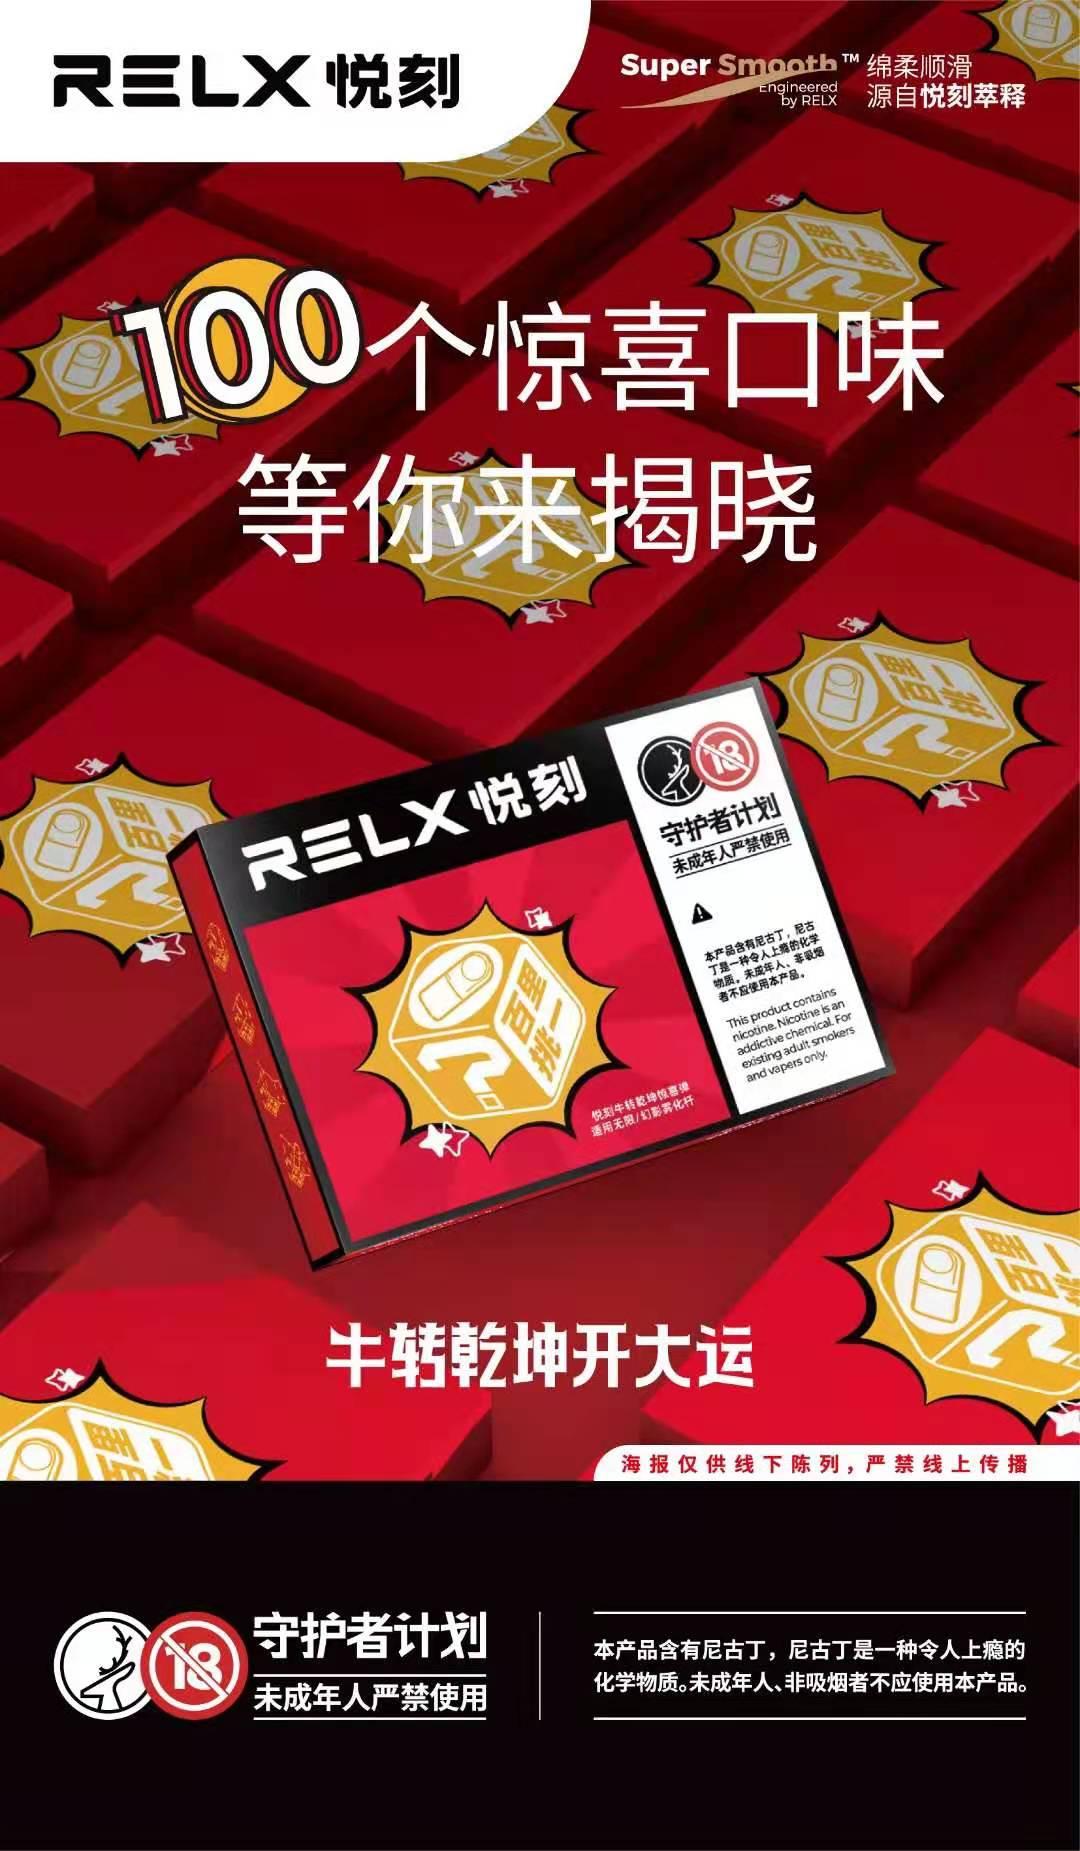 关于relx悦刻电子烟盲盒口味分享